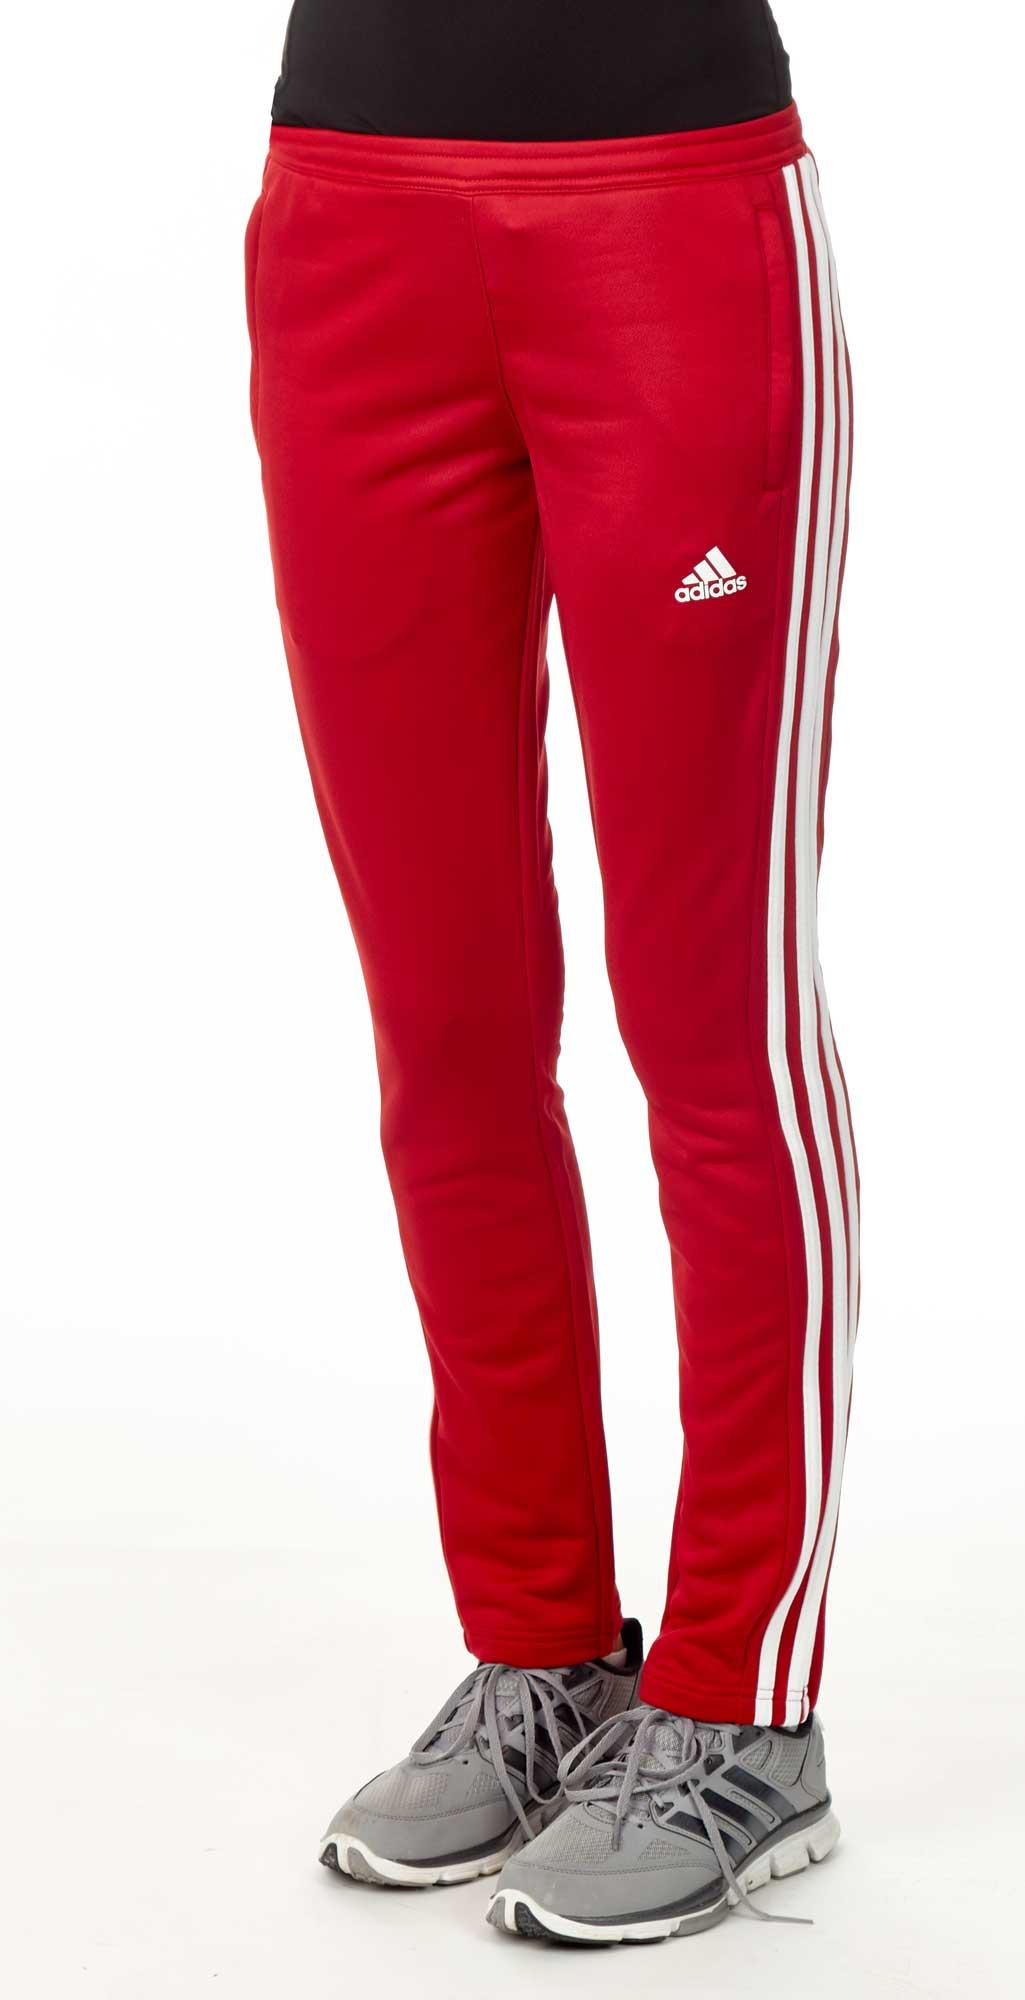 Details zu Adidas Essential 3 Stripes Hose Herren Schwarz Rot Scharlachrot CF5074 Training